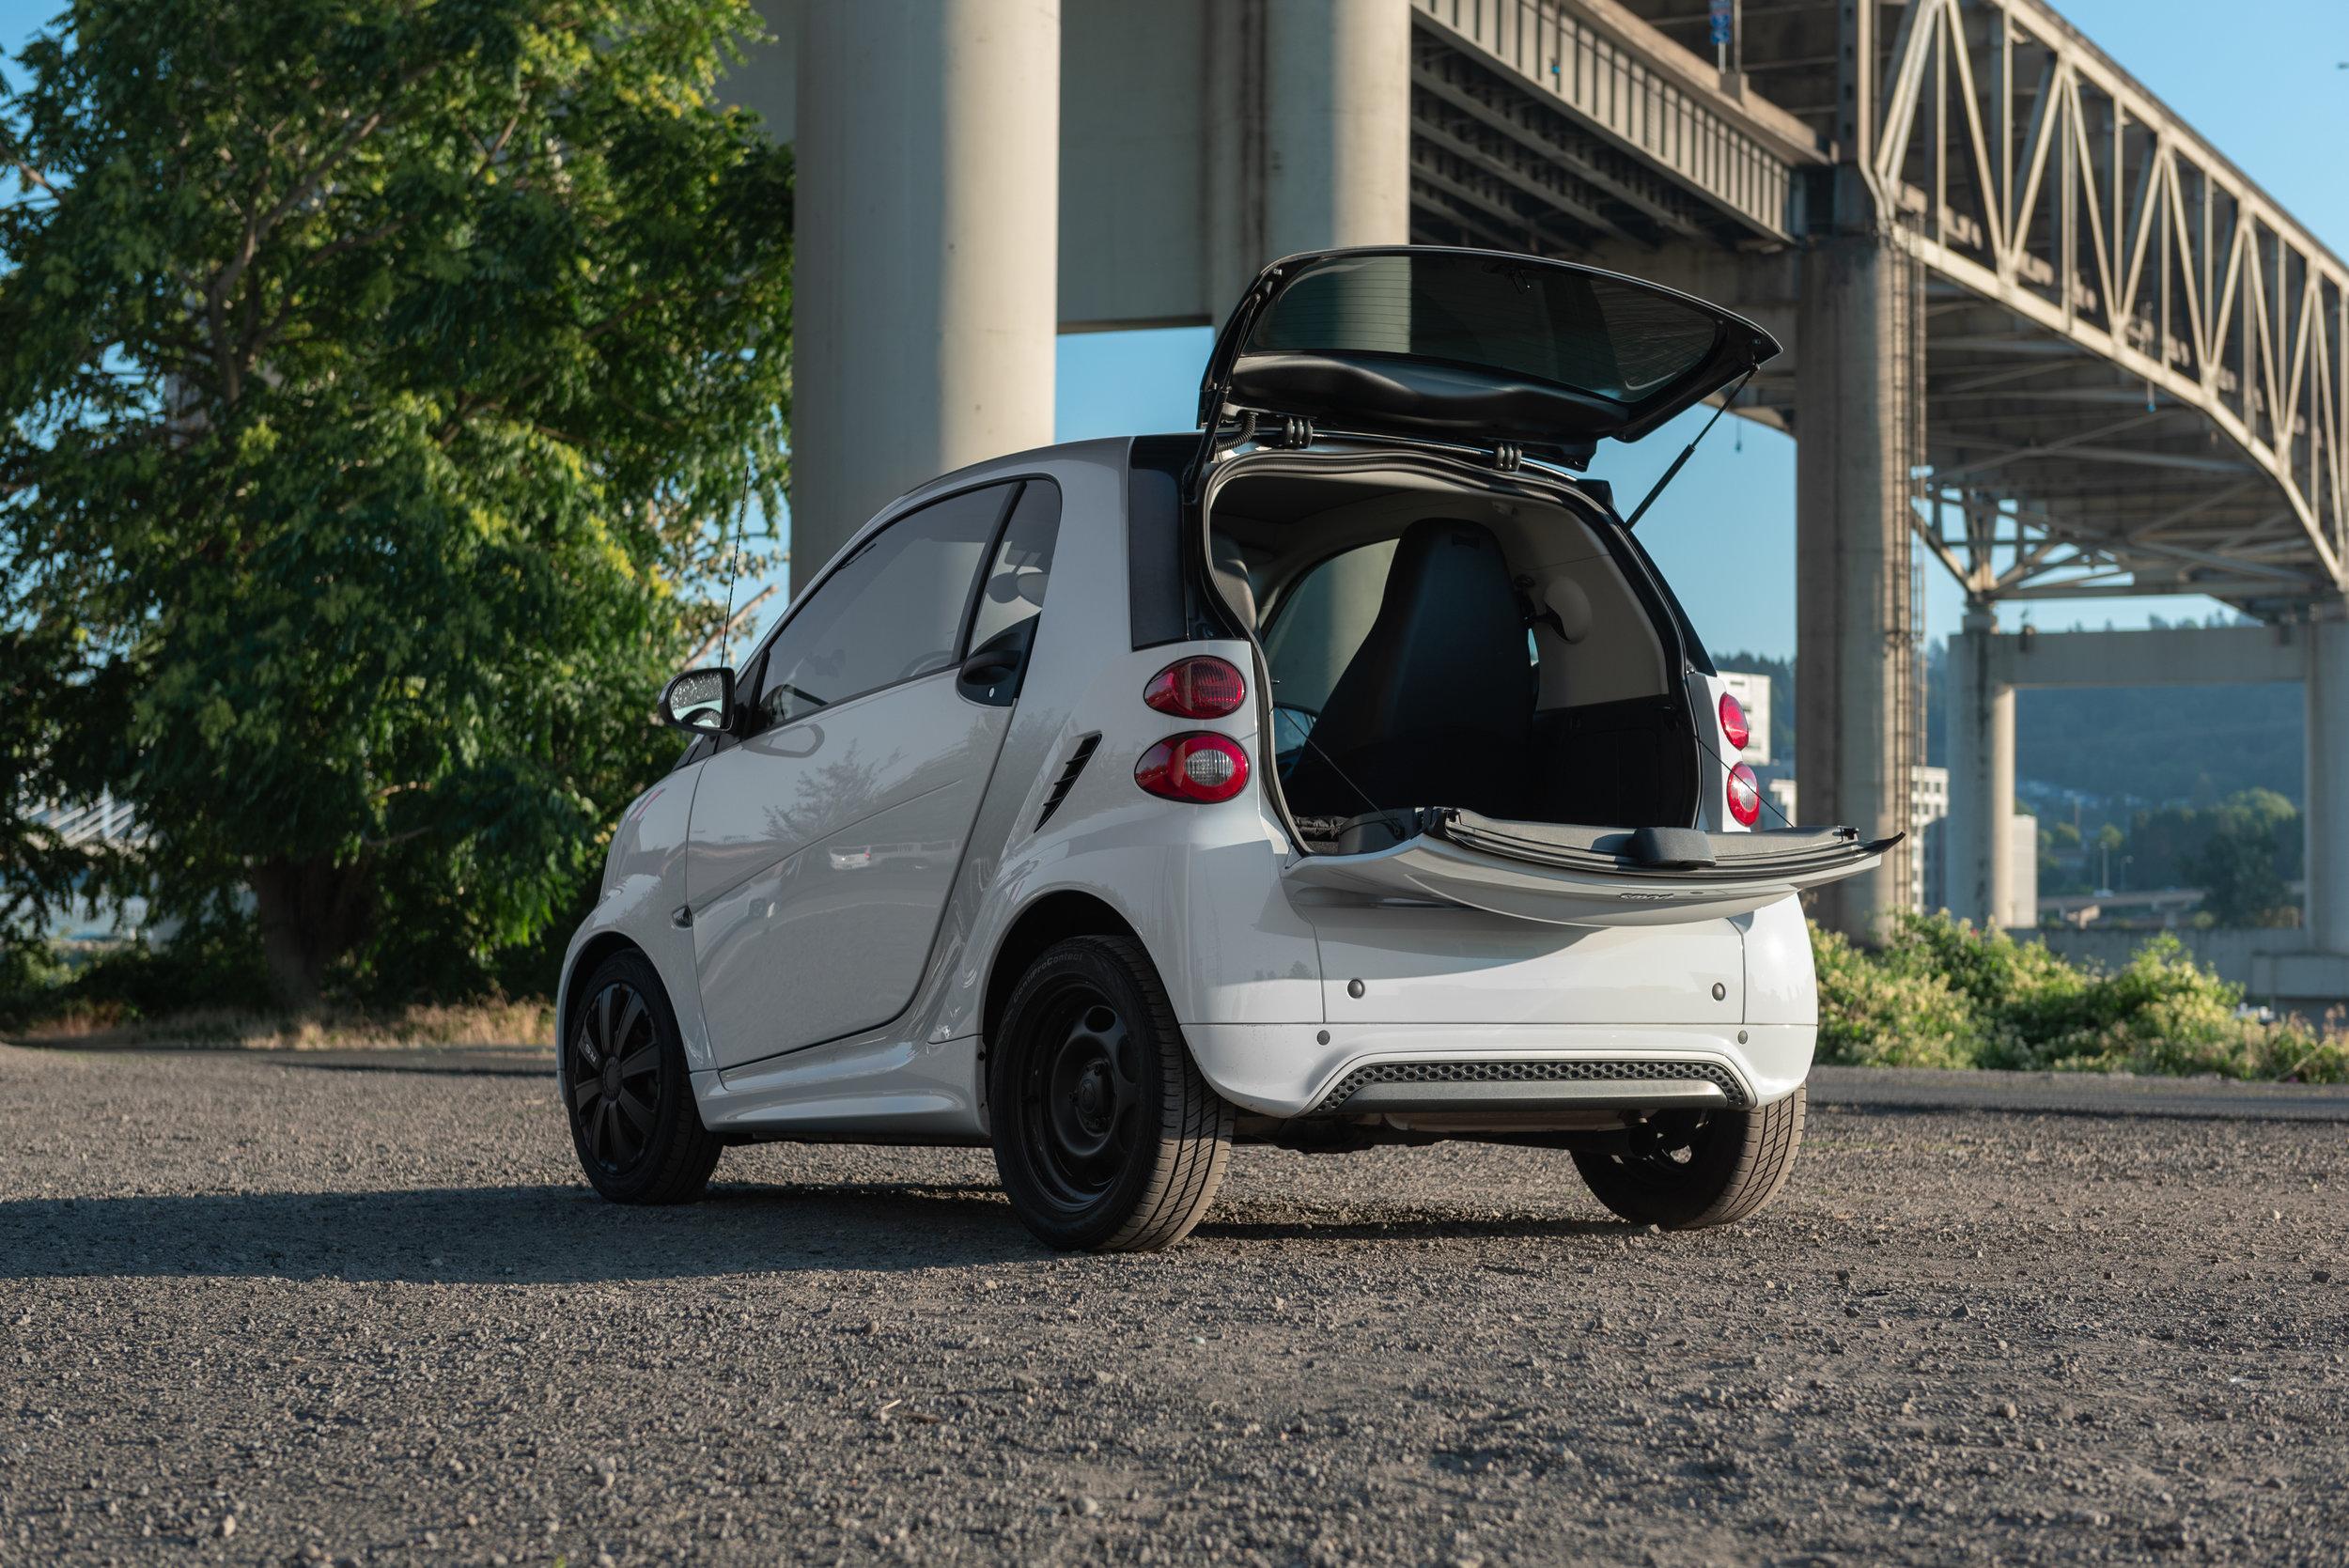 smart_car-web.jpg